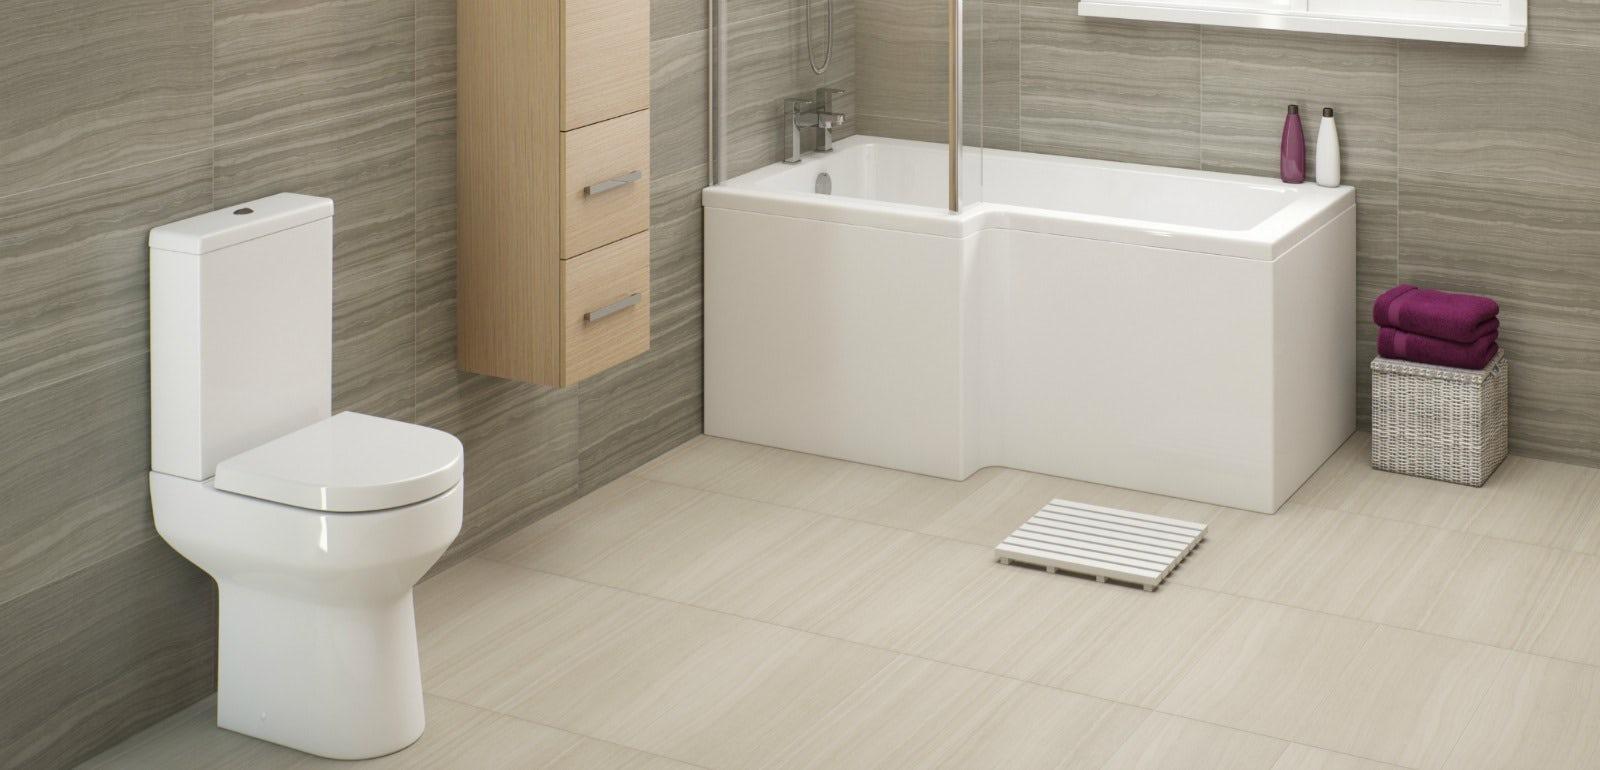 3 design tips for your new bathroom | VictoriaPlum.com